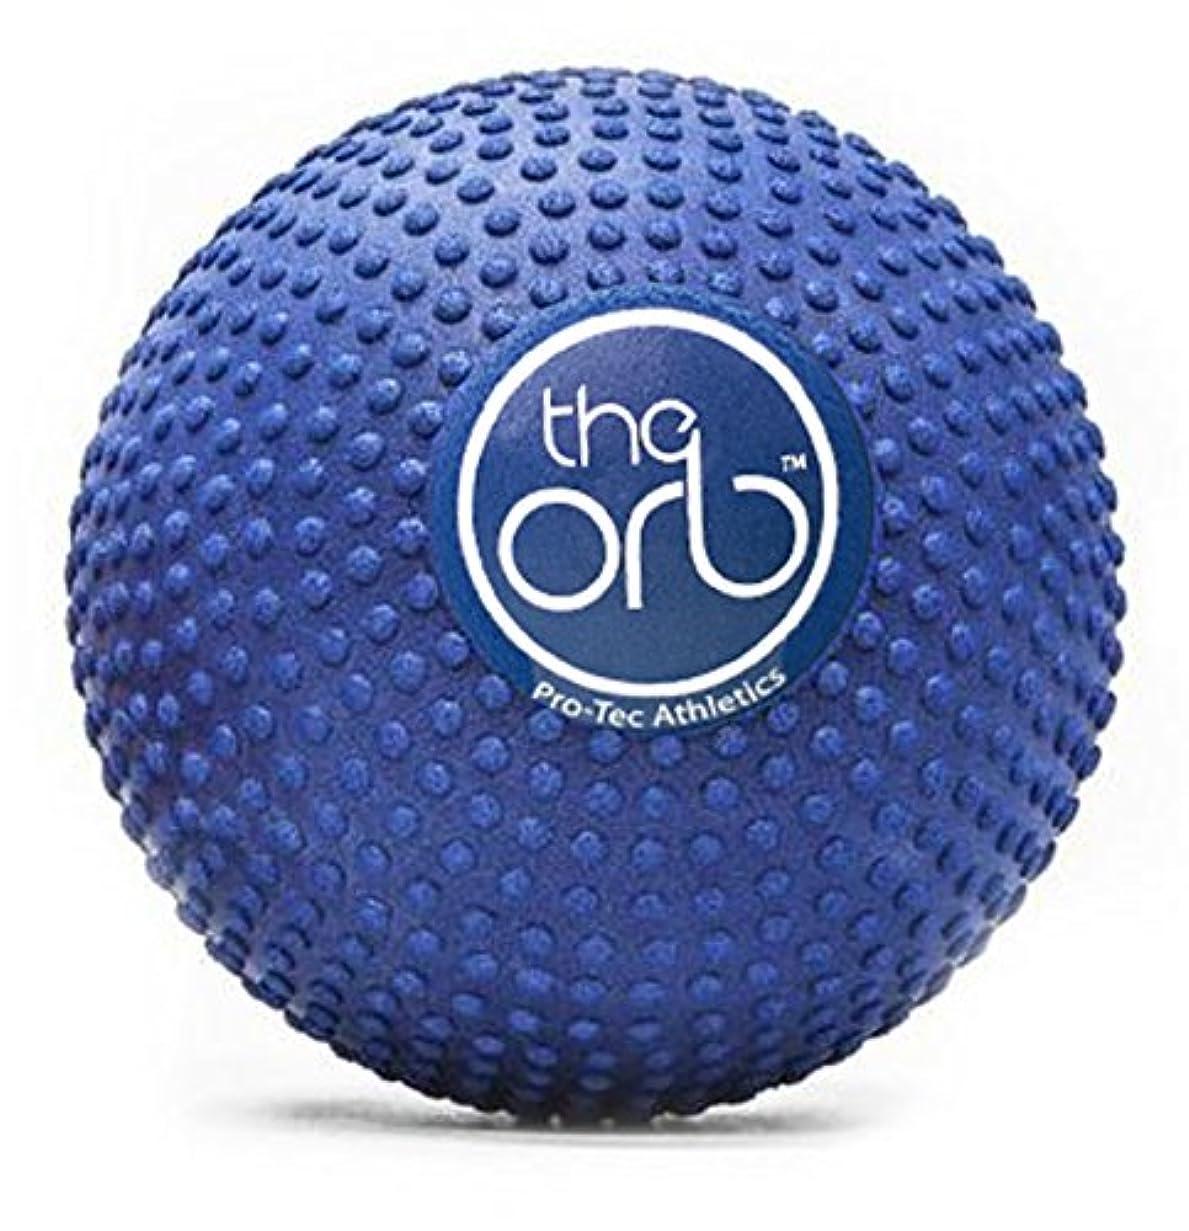 幻想潜む潜むPro-Tec Athletics(プロテックアスレチックス) The Orb 5